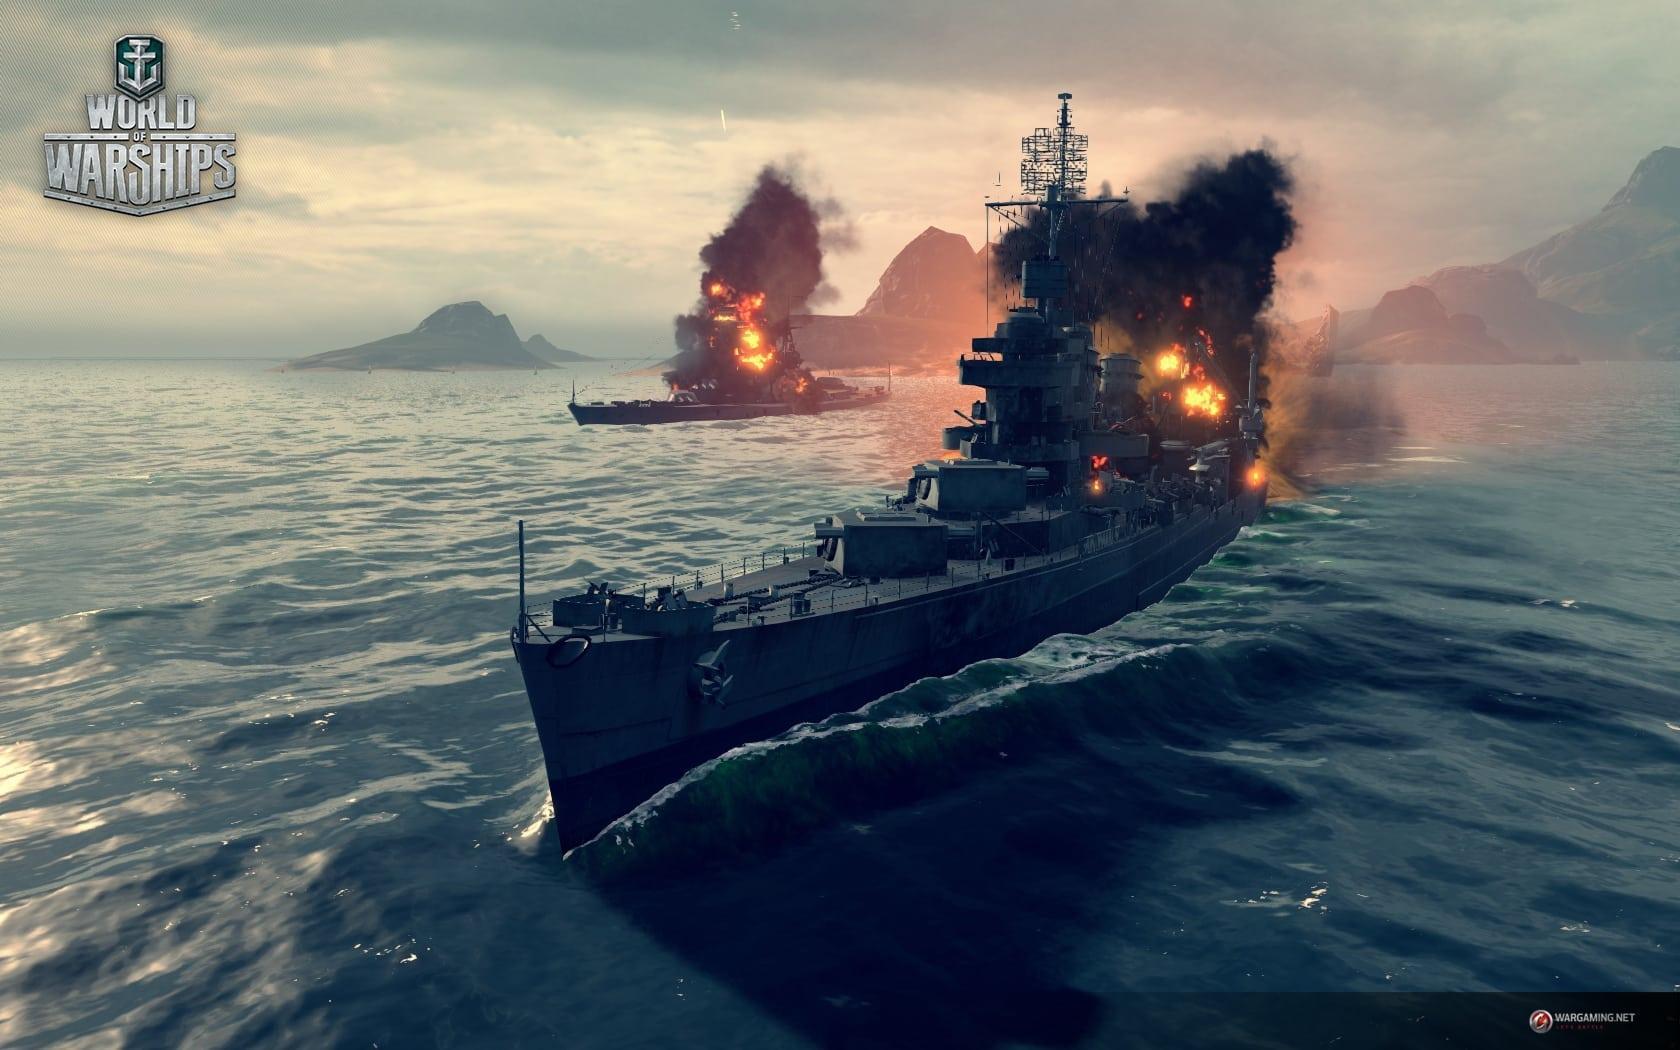 World of Warships combat screenshot 1